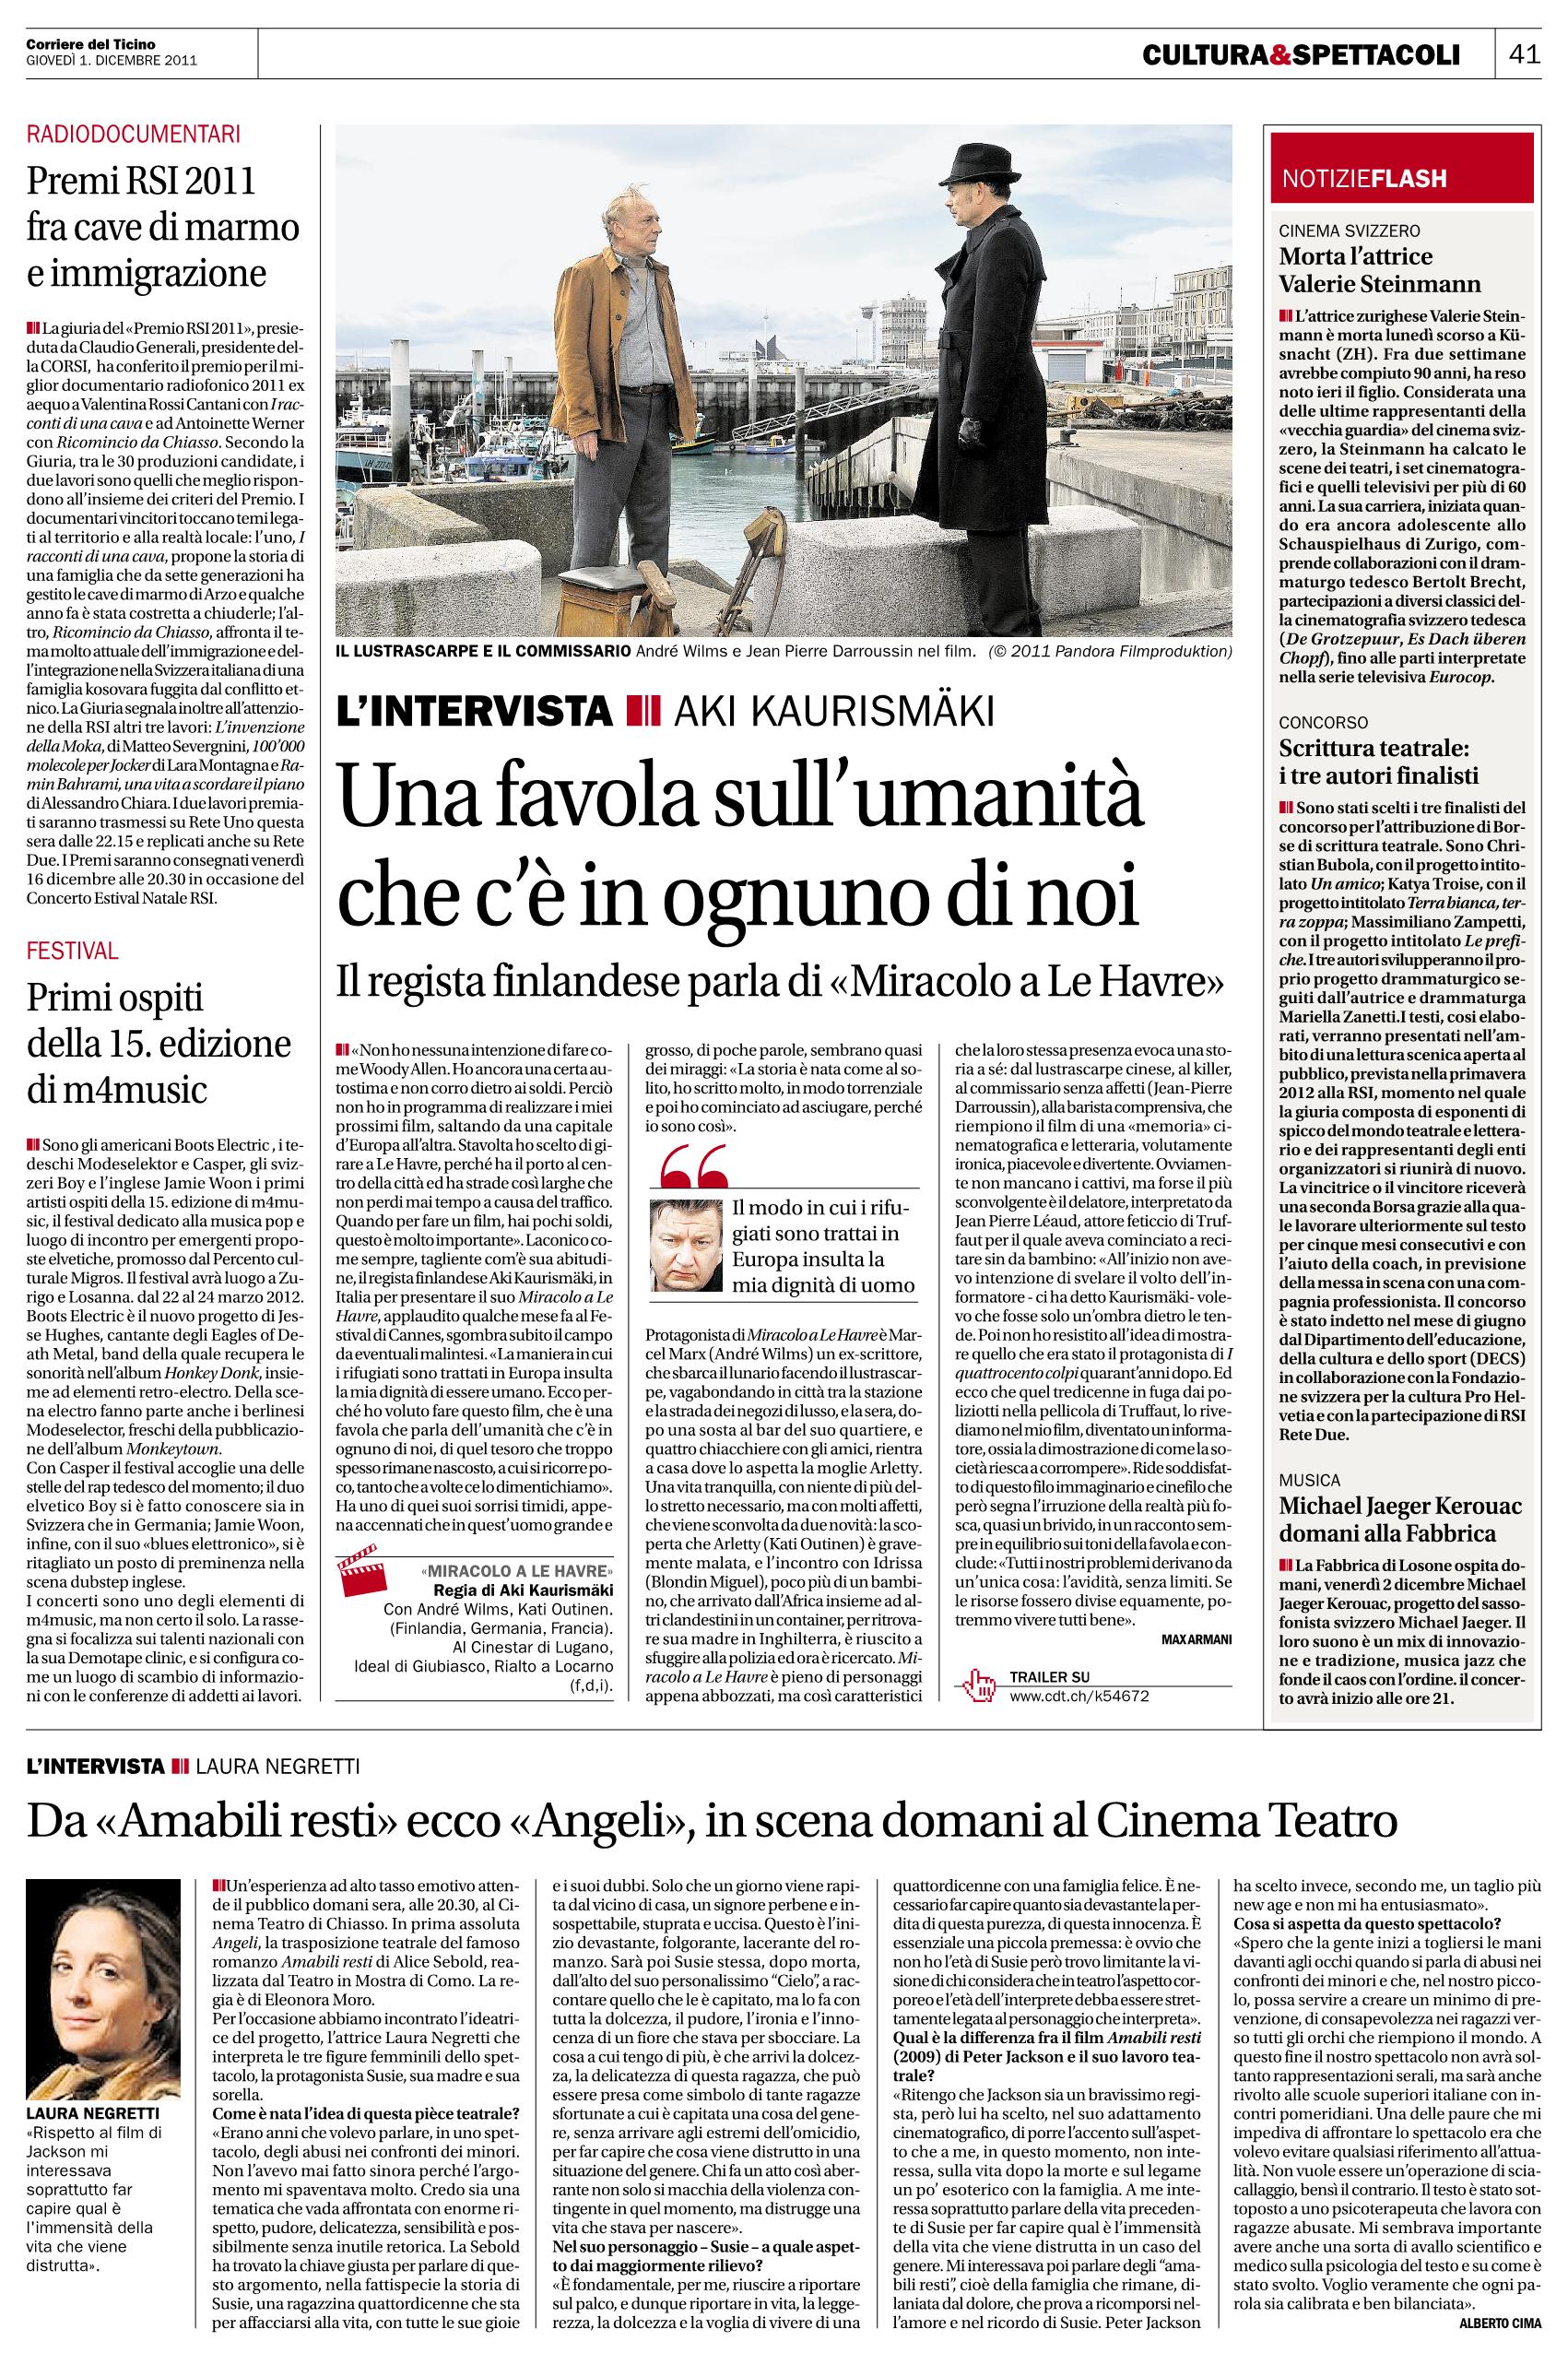 Corriere del Ticino 1 Dicembre 2011